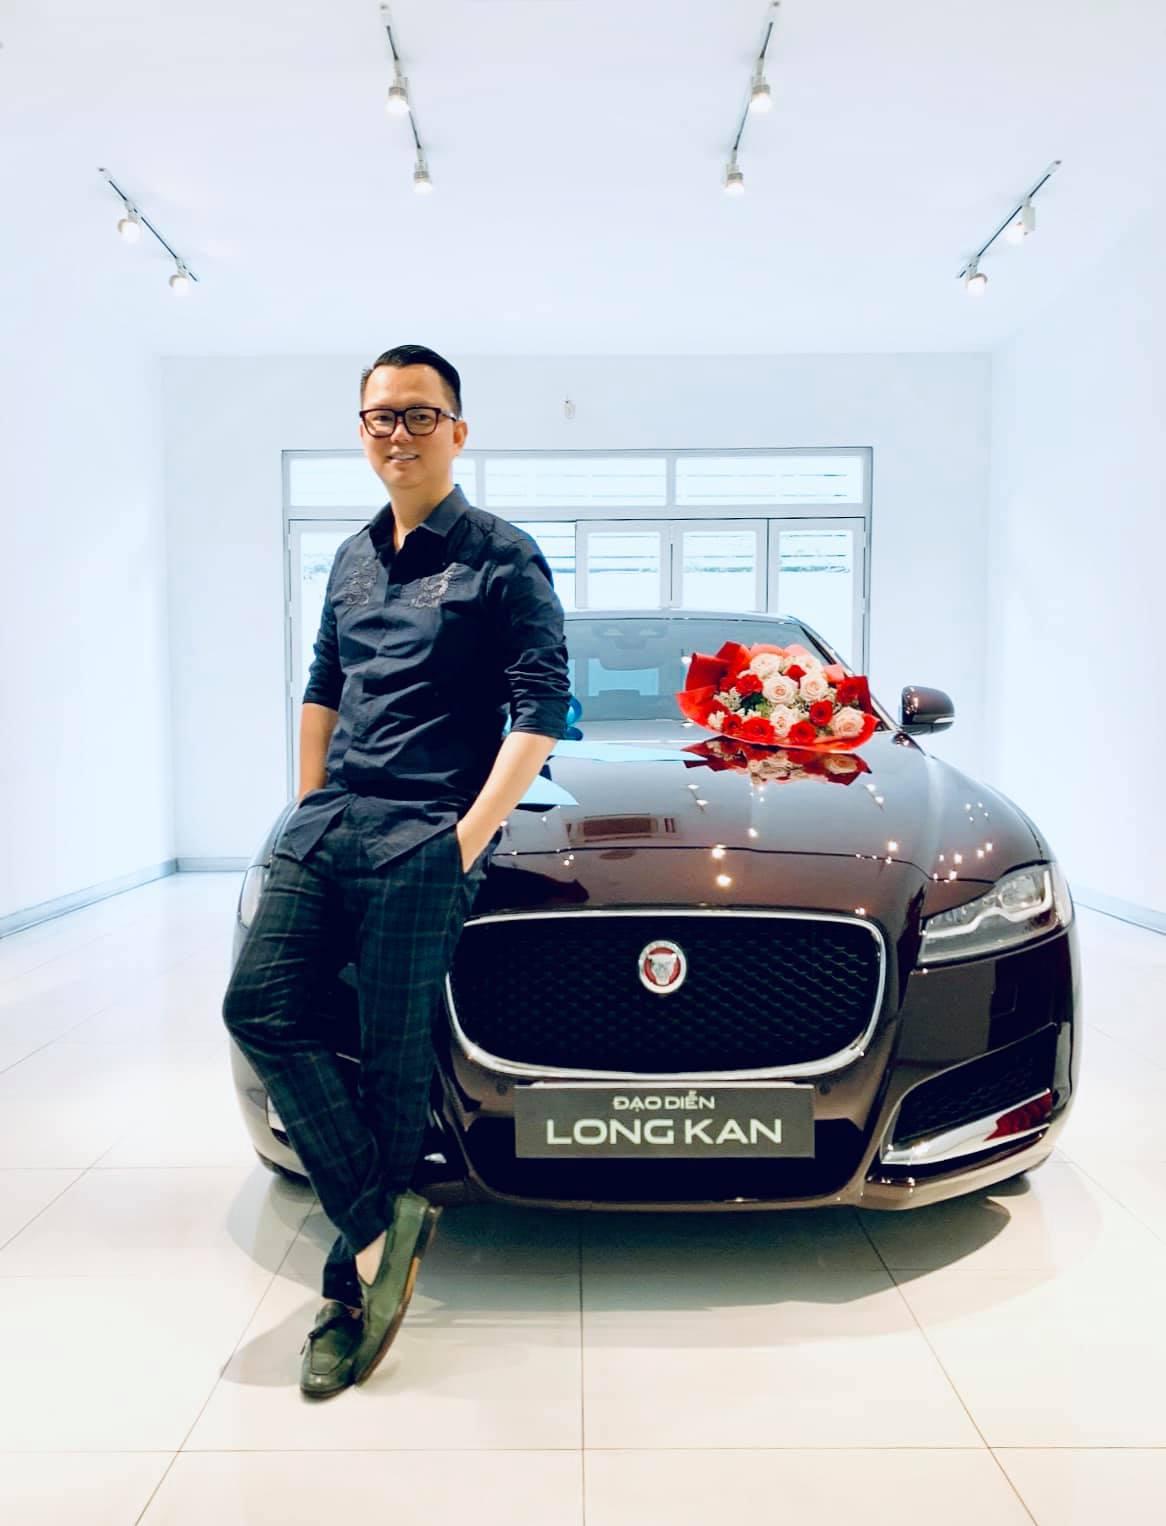 jaguar-xf-long-kan-02.jpg